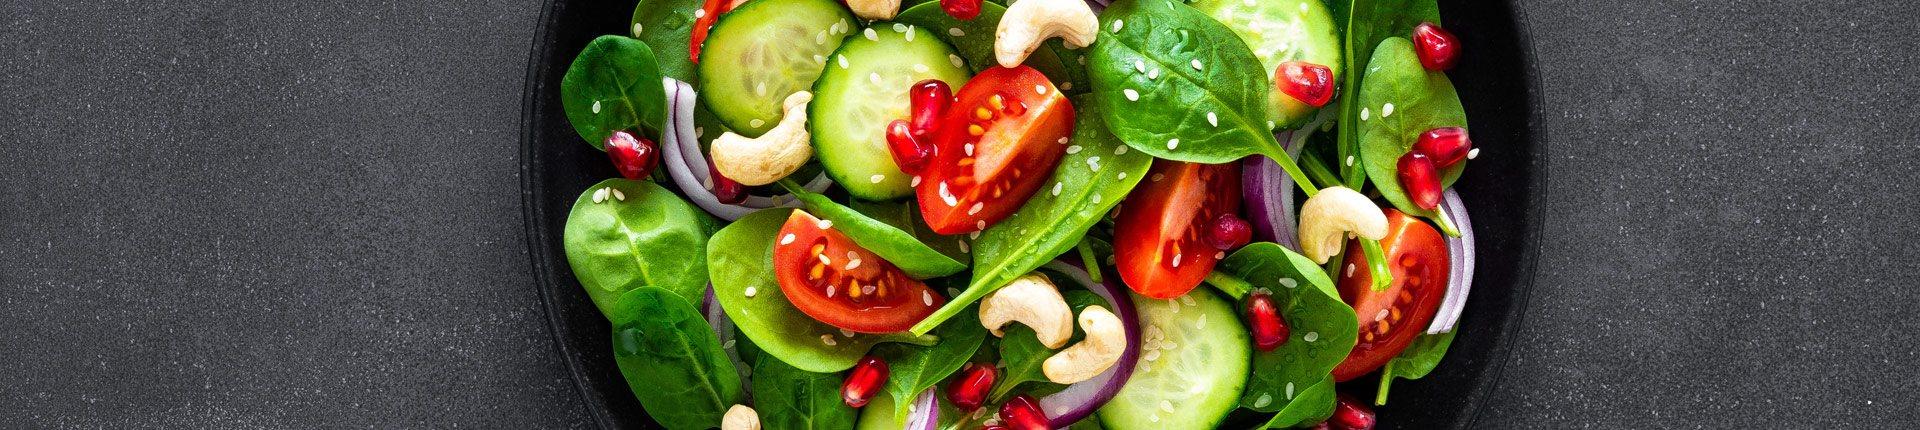 Czy dieta witariańska jest zdrowa? Zalety i skutki uboczne